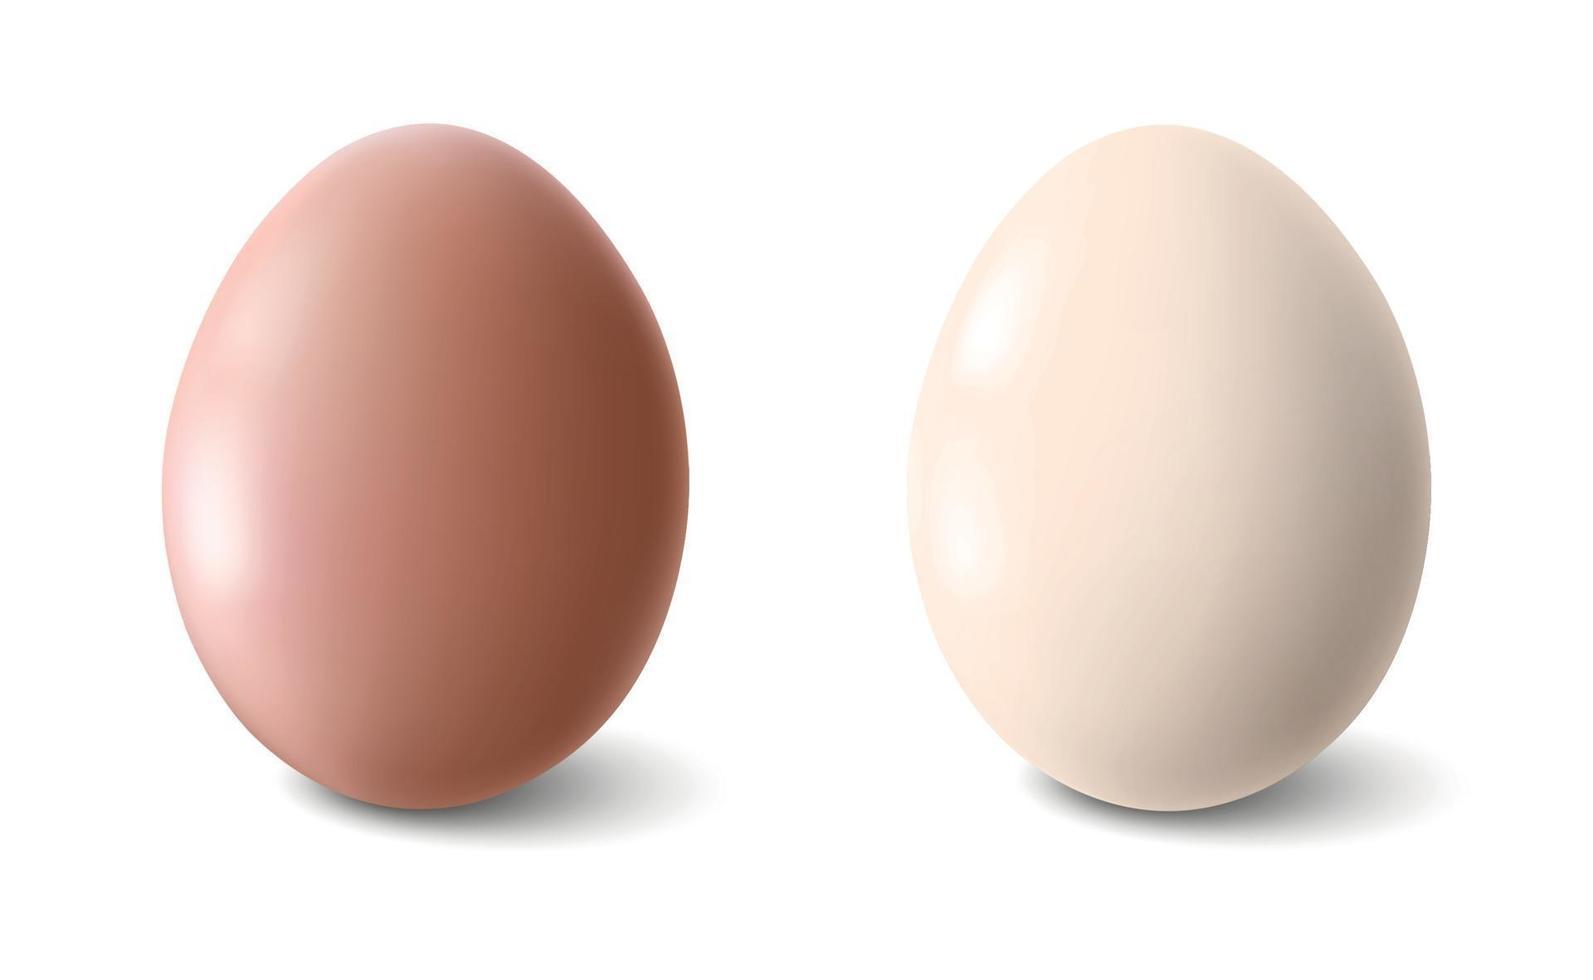 grote realistische kippeneieren met schaduw op witte achtergrond - vectorillustratie vector